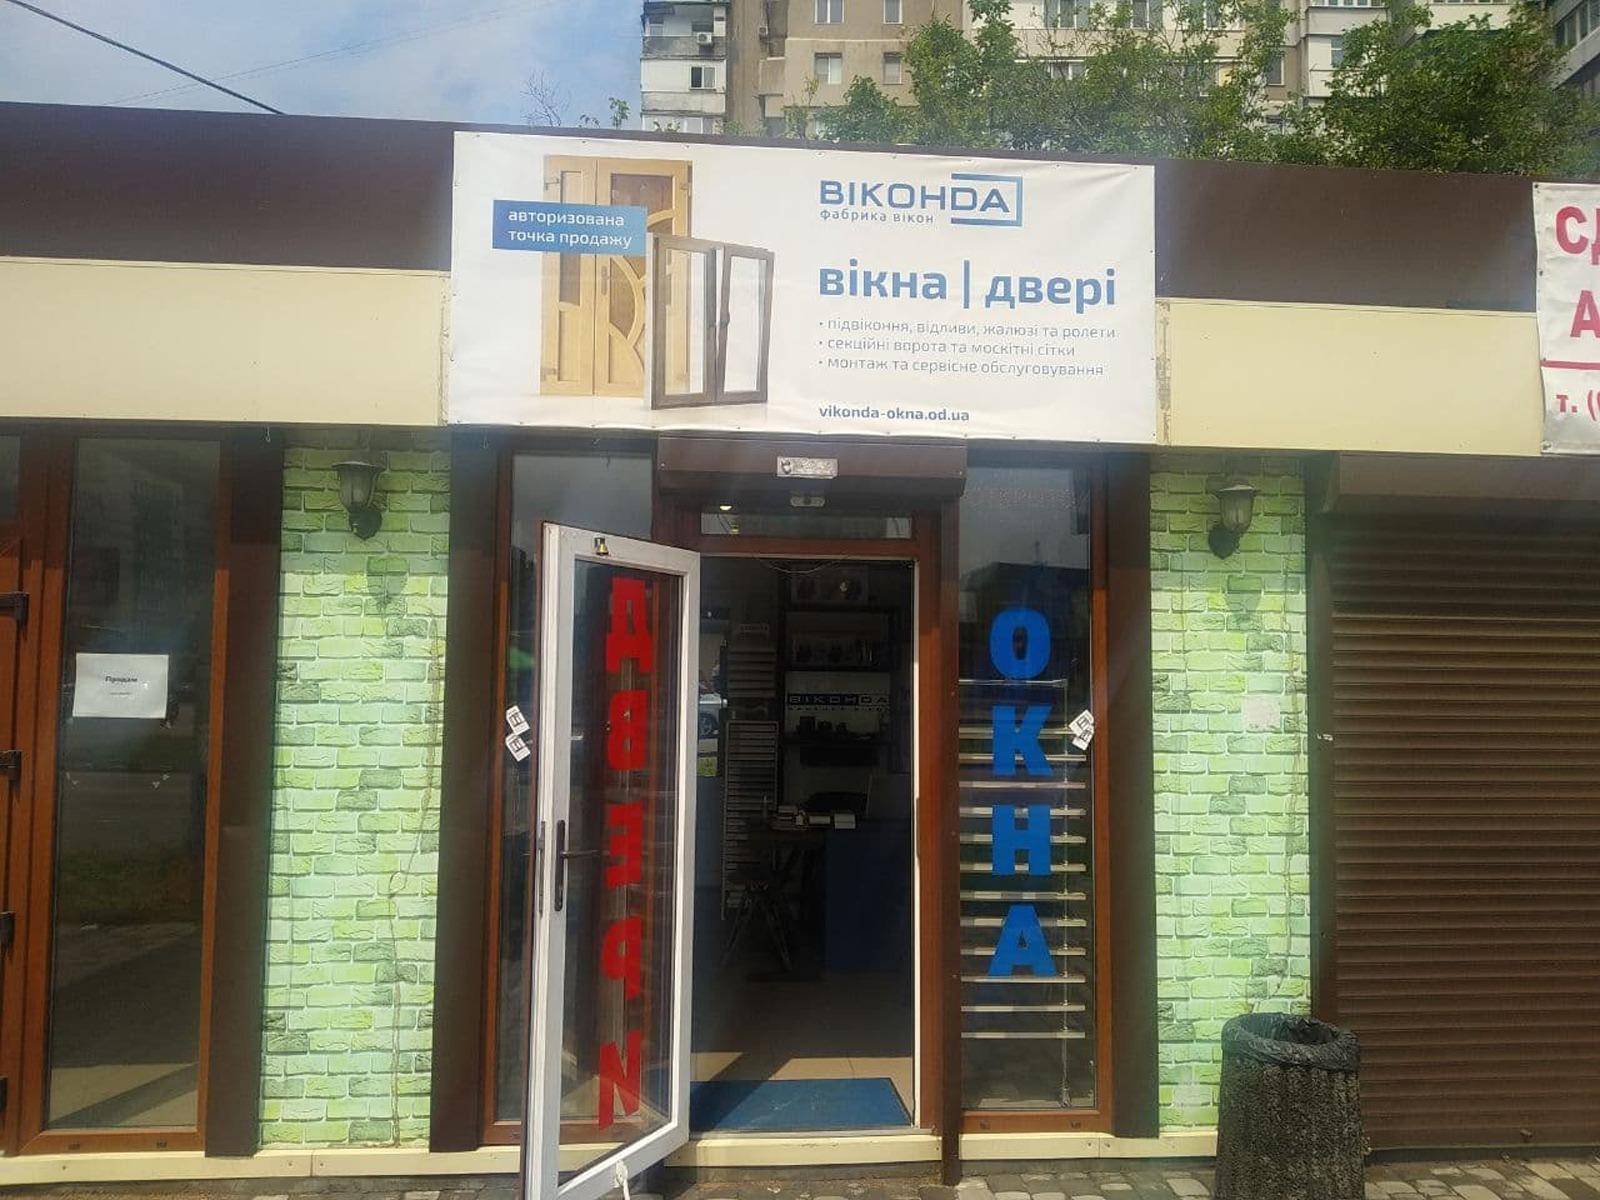 фото салону Віконда в Одесі